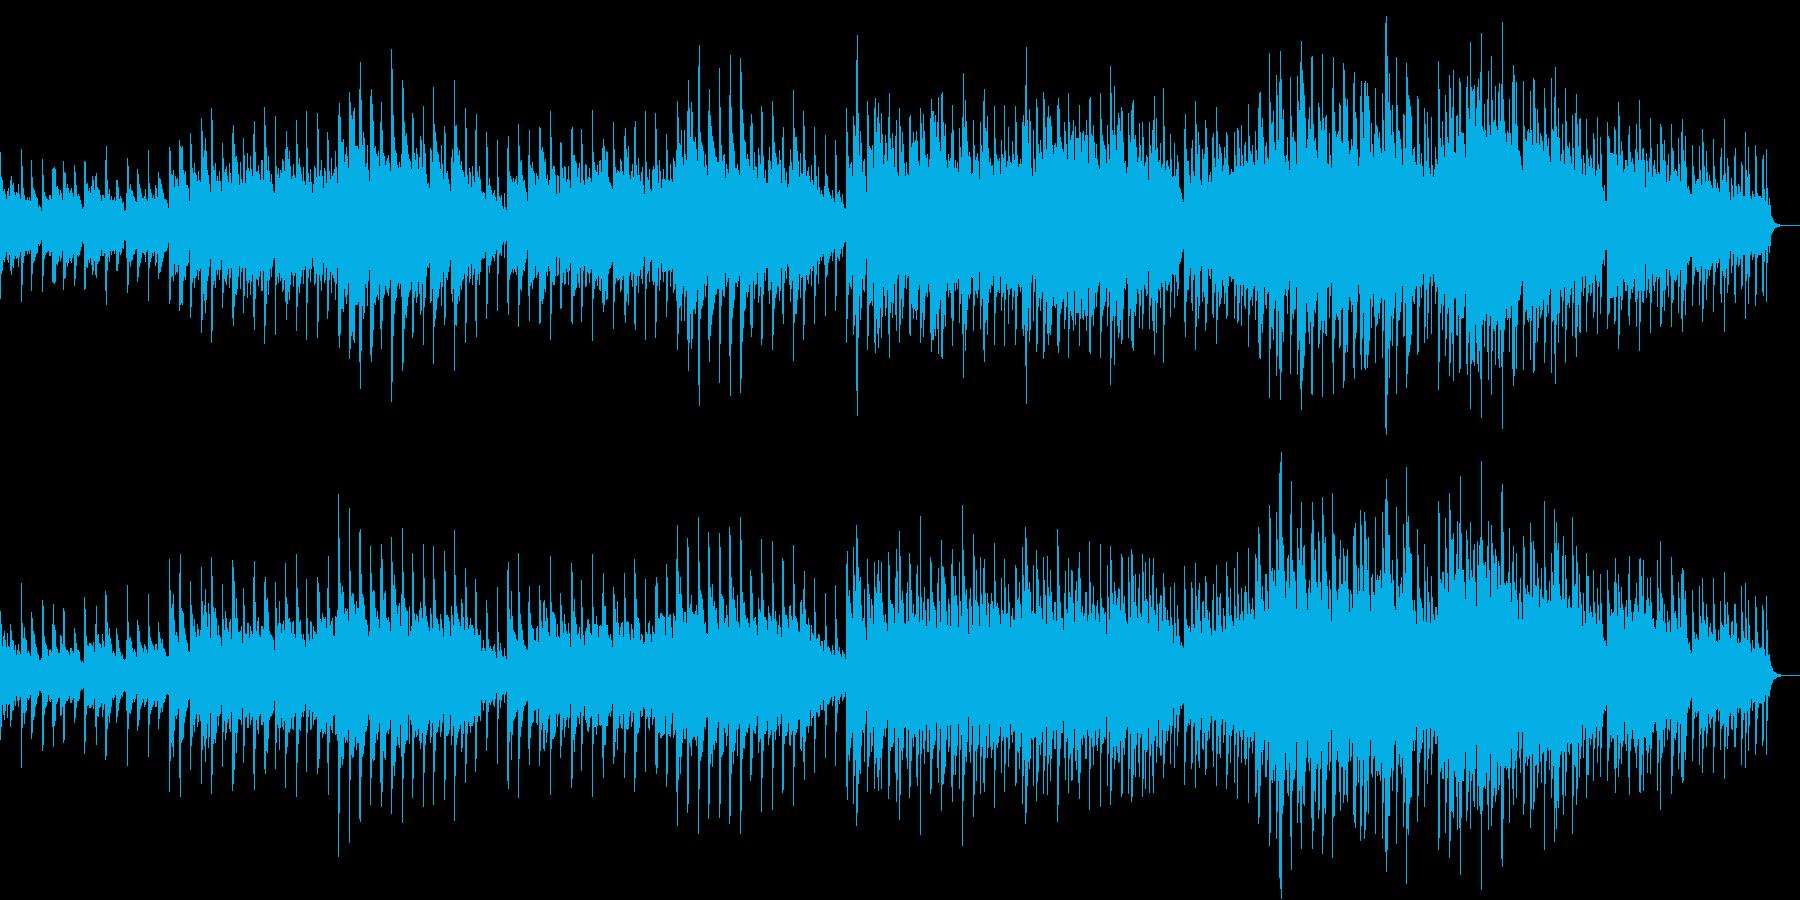 切なく情熱的な6/8拍子のピアノ曲の再生済みの波形